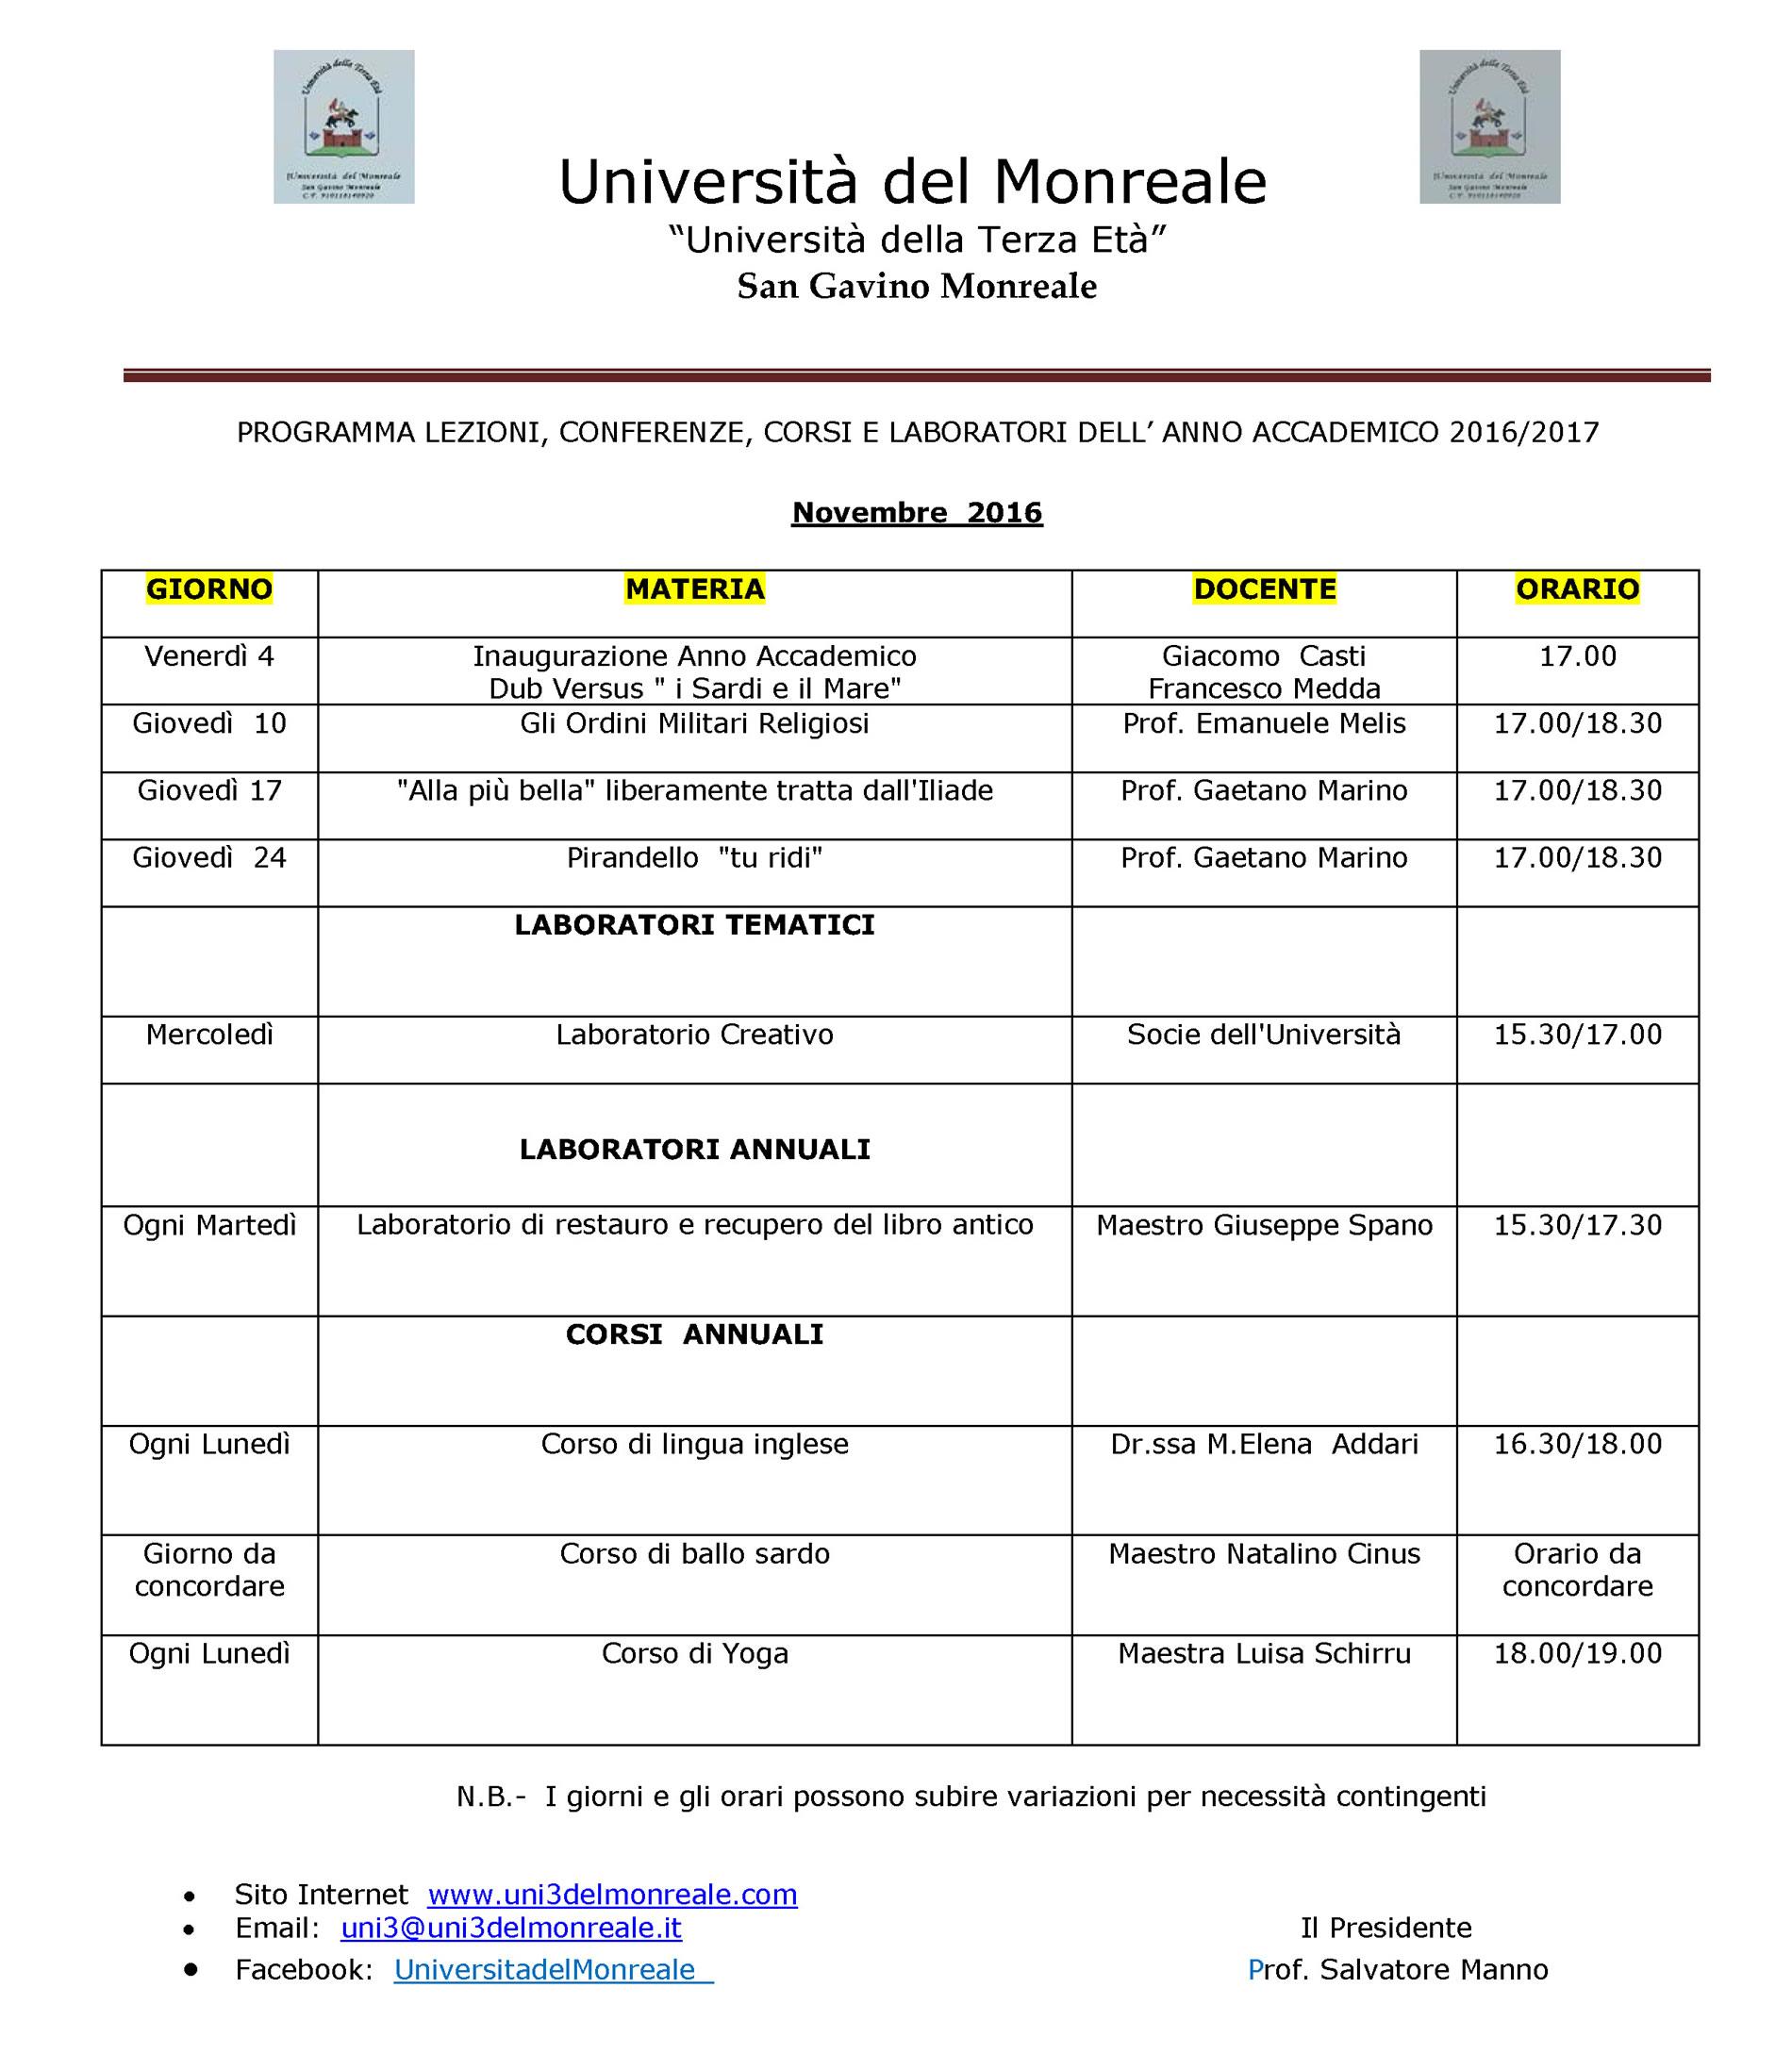 Università del Monreale: lezioni nel mese di Novembre 2016